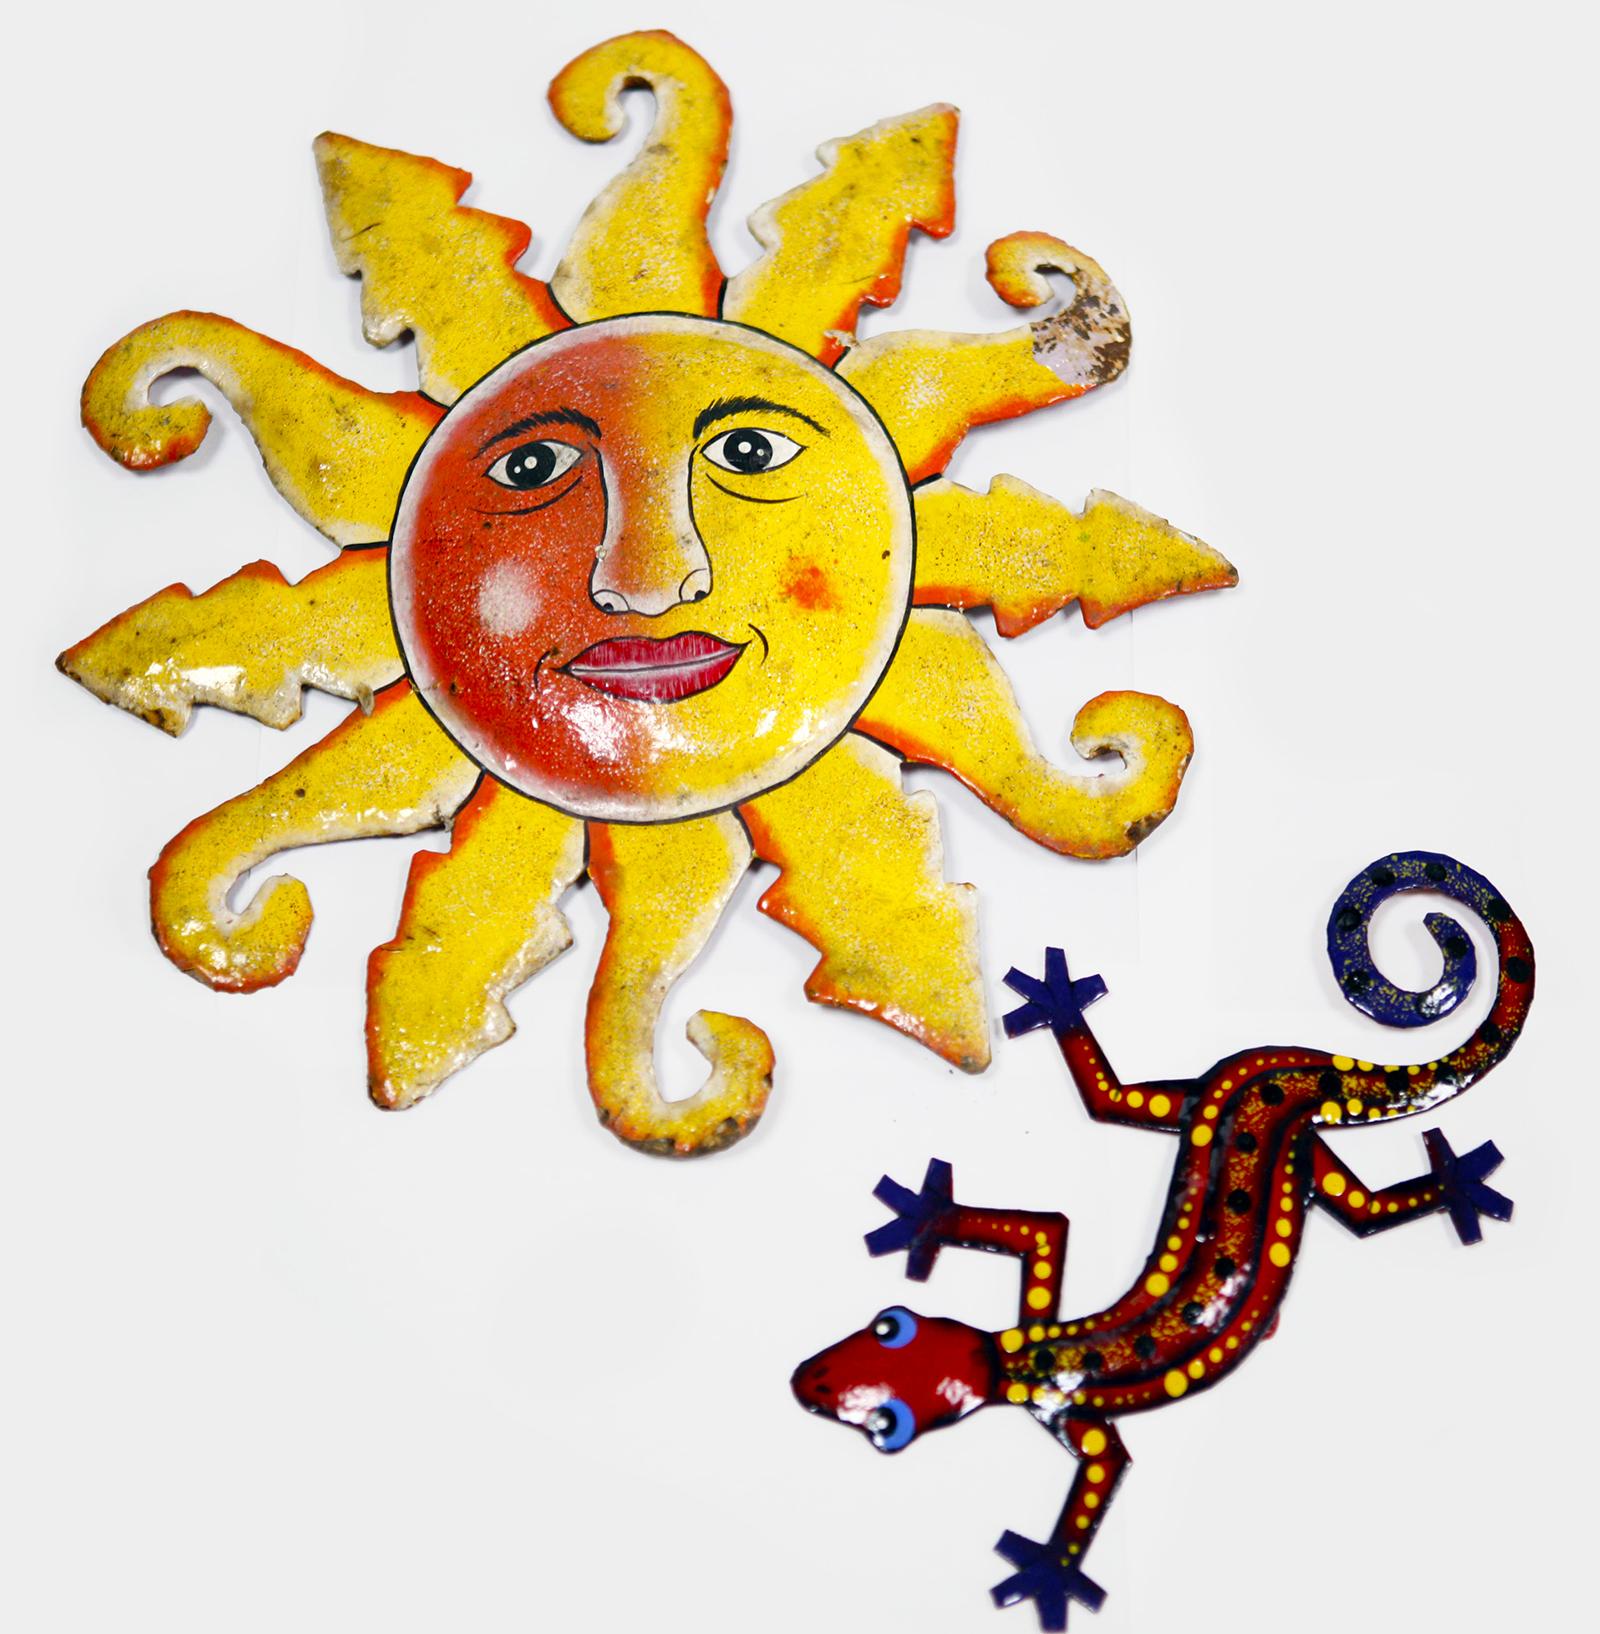 Zwei Dekoartikel aus Haiti: eine Sonne und eine Echse aus Blech. (Quelle: Gunhild Aiyub)